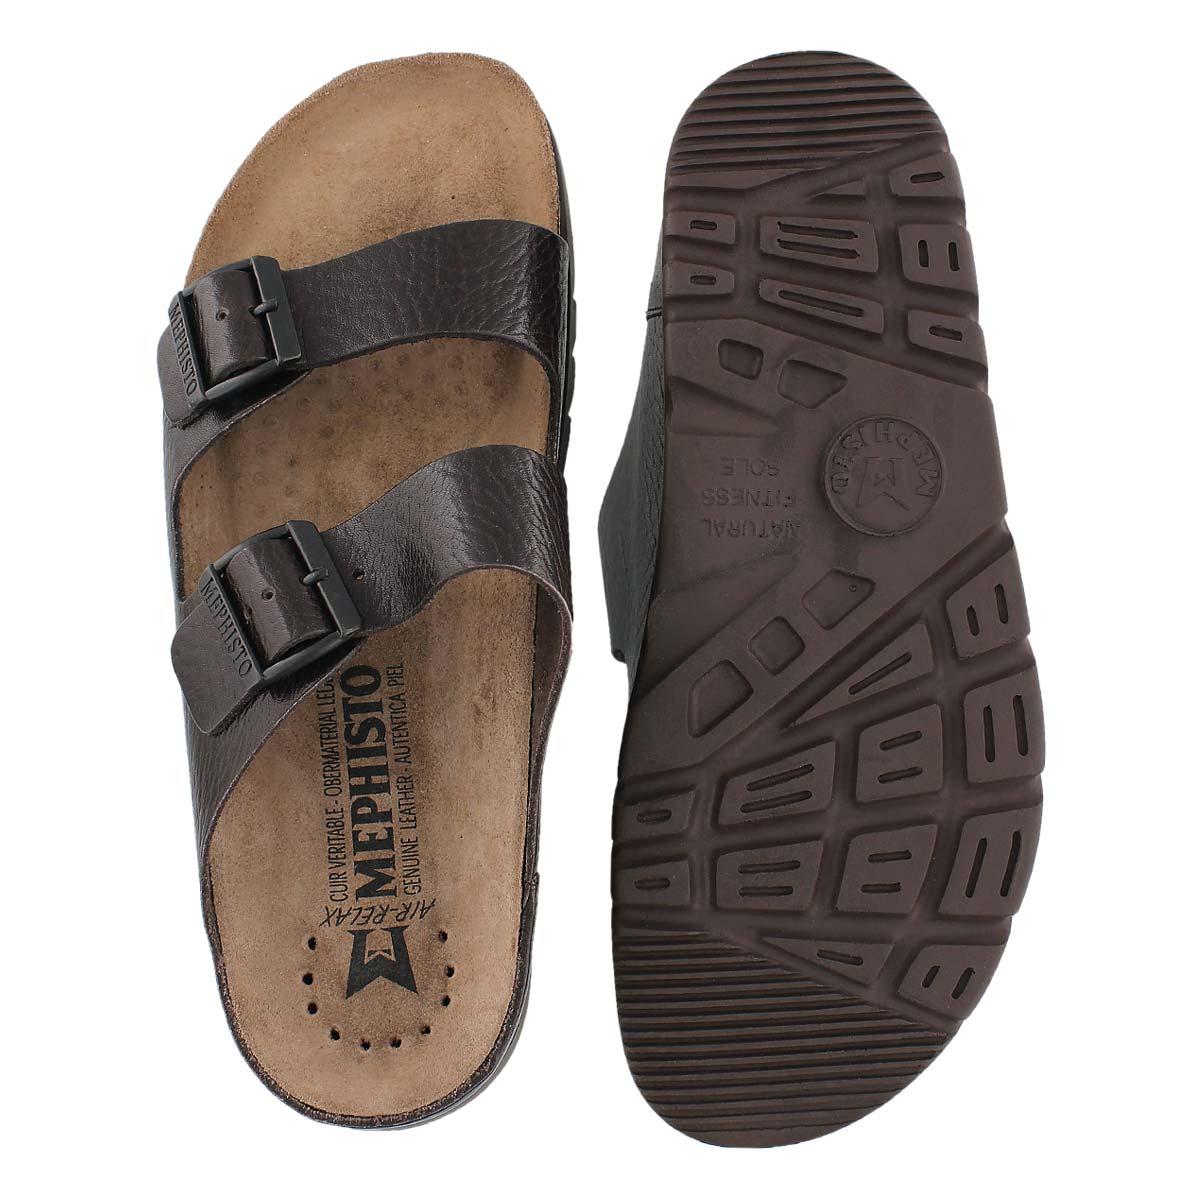 Sandale ZONDER, brun foncé, hommes